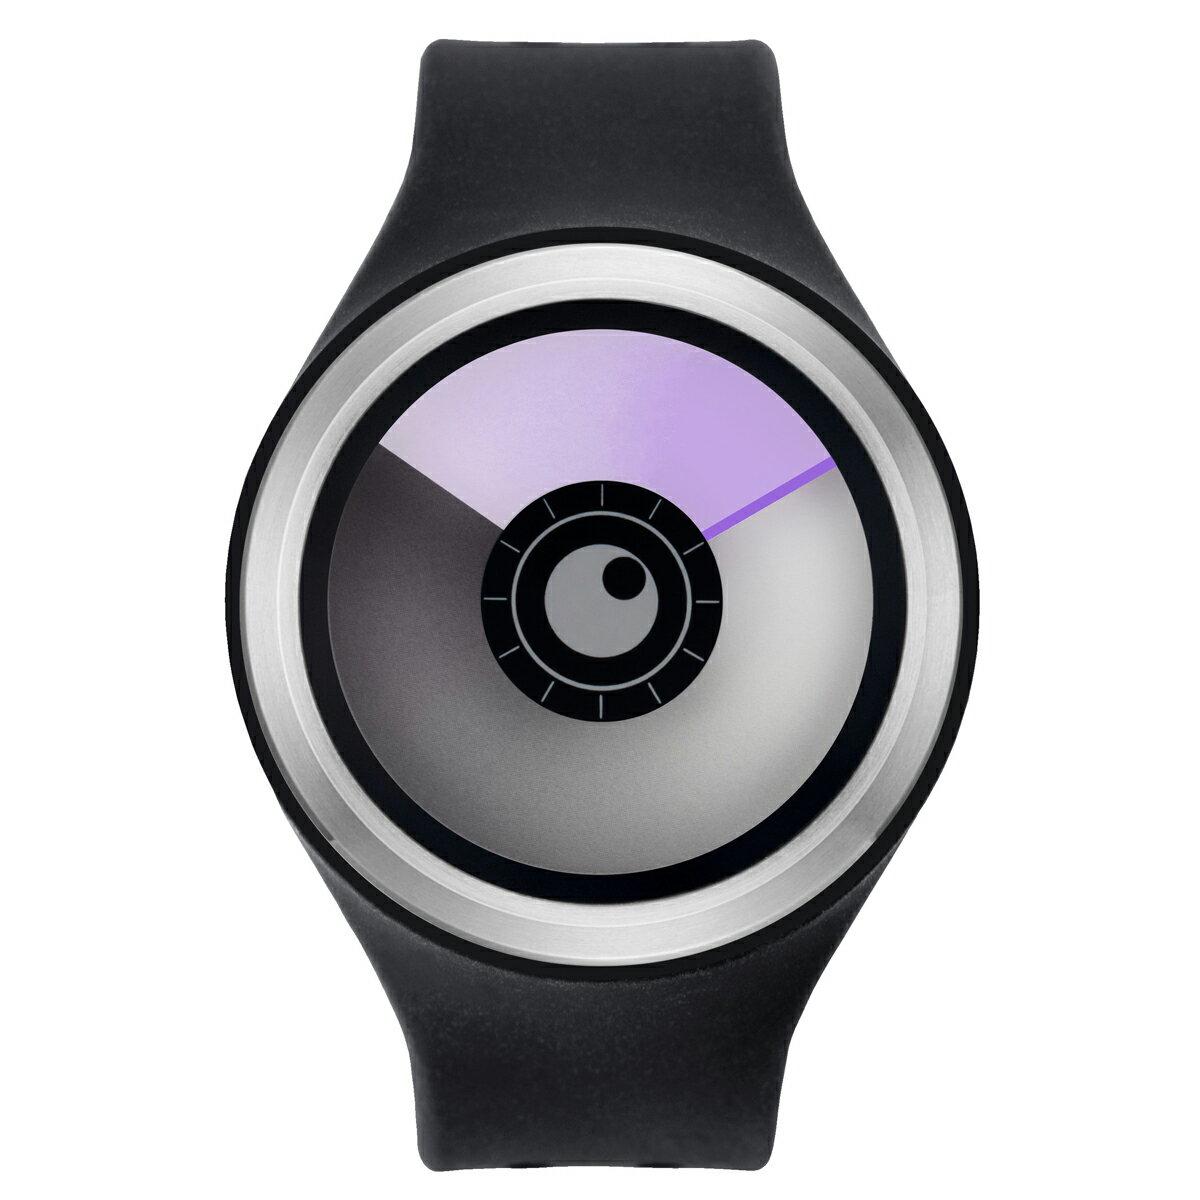 ZEROO AURORA BOREALIS ゼロ 電池式クォーツ 腕時計 [W00704B01SR02] ブラック デザインウォッチ ペア用 メンズ レディース ユニセックス おしゃれ時計 デザイナーズ